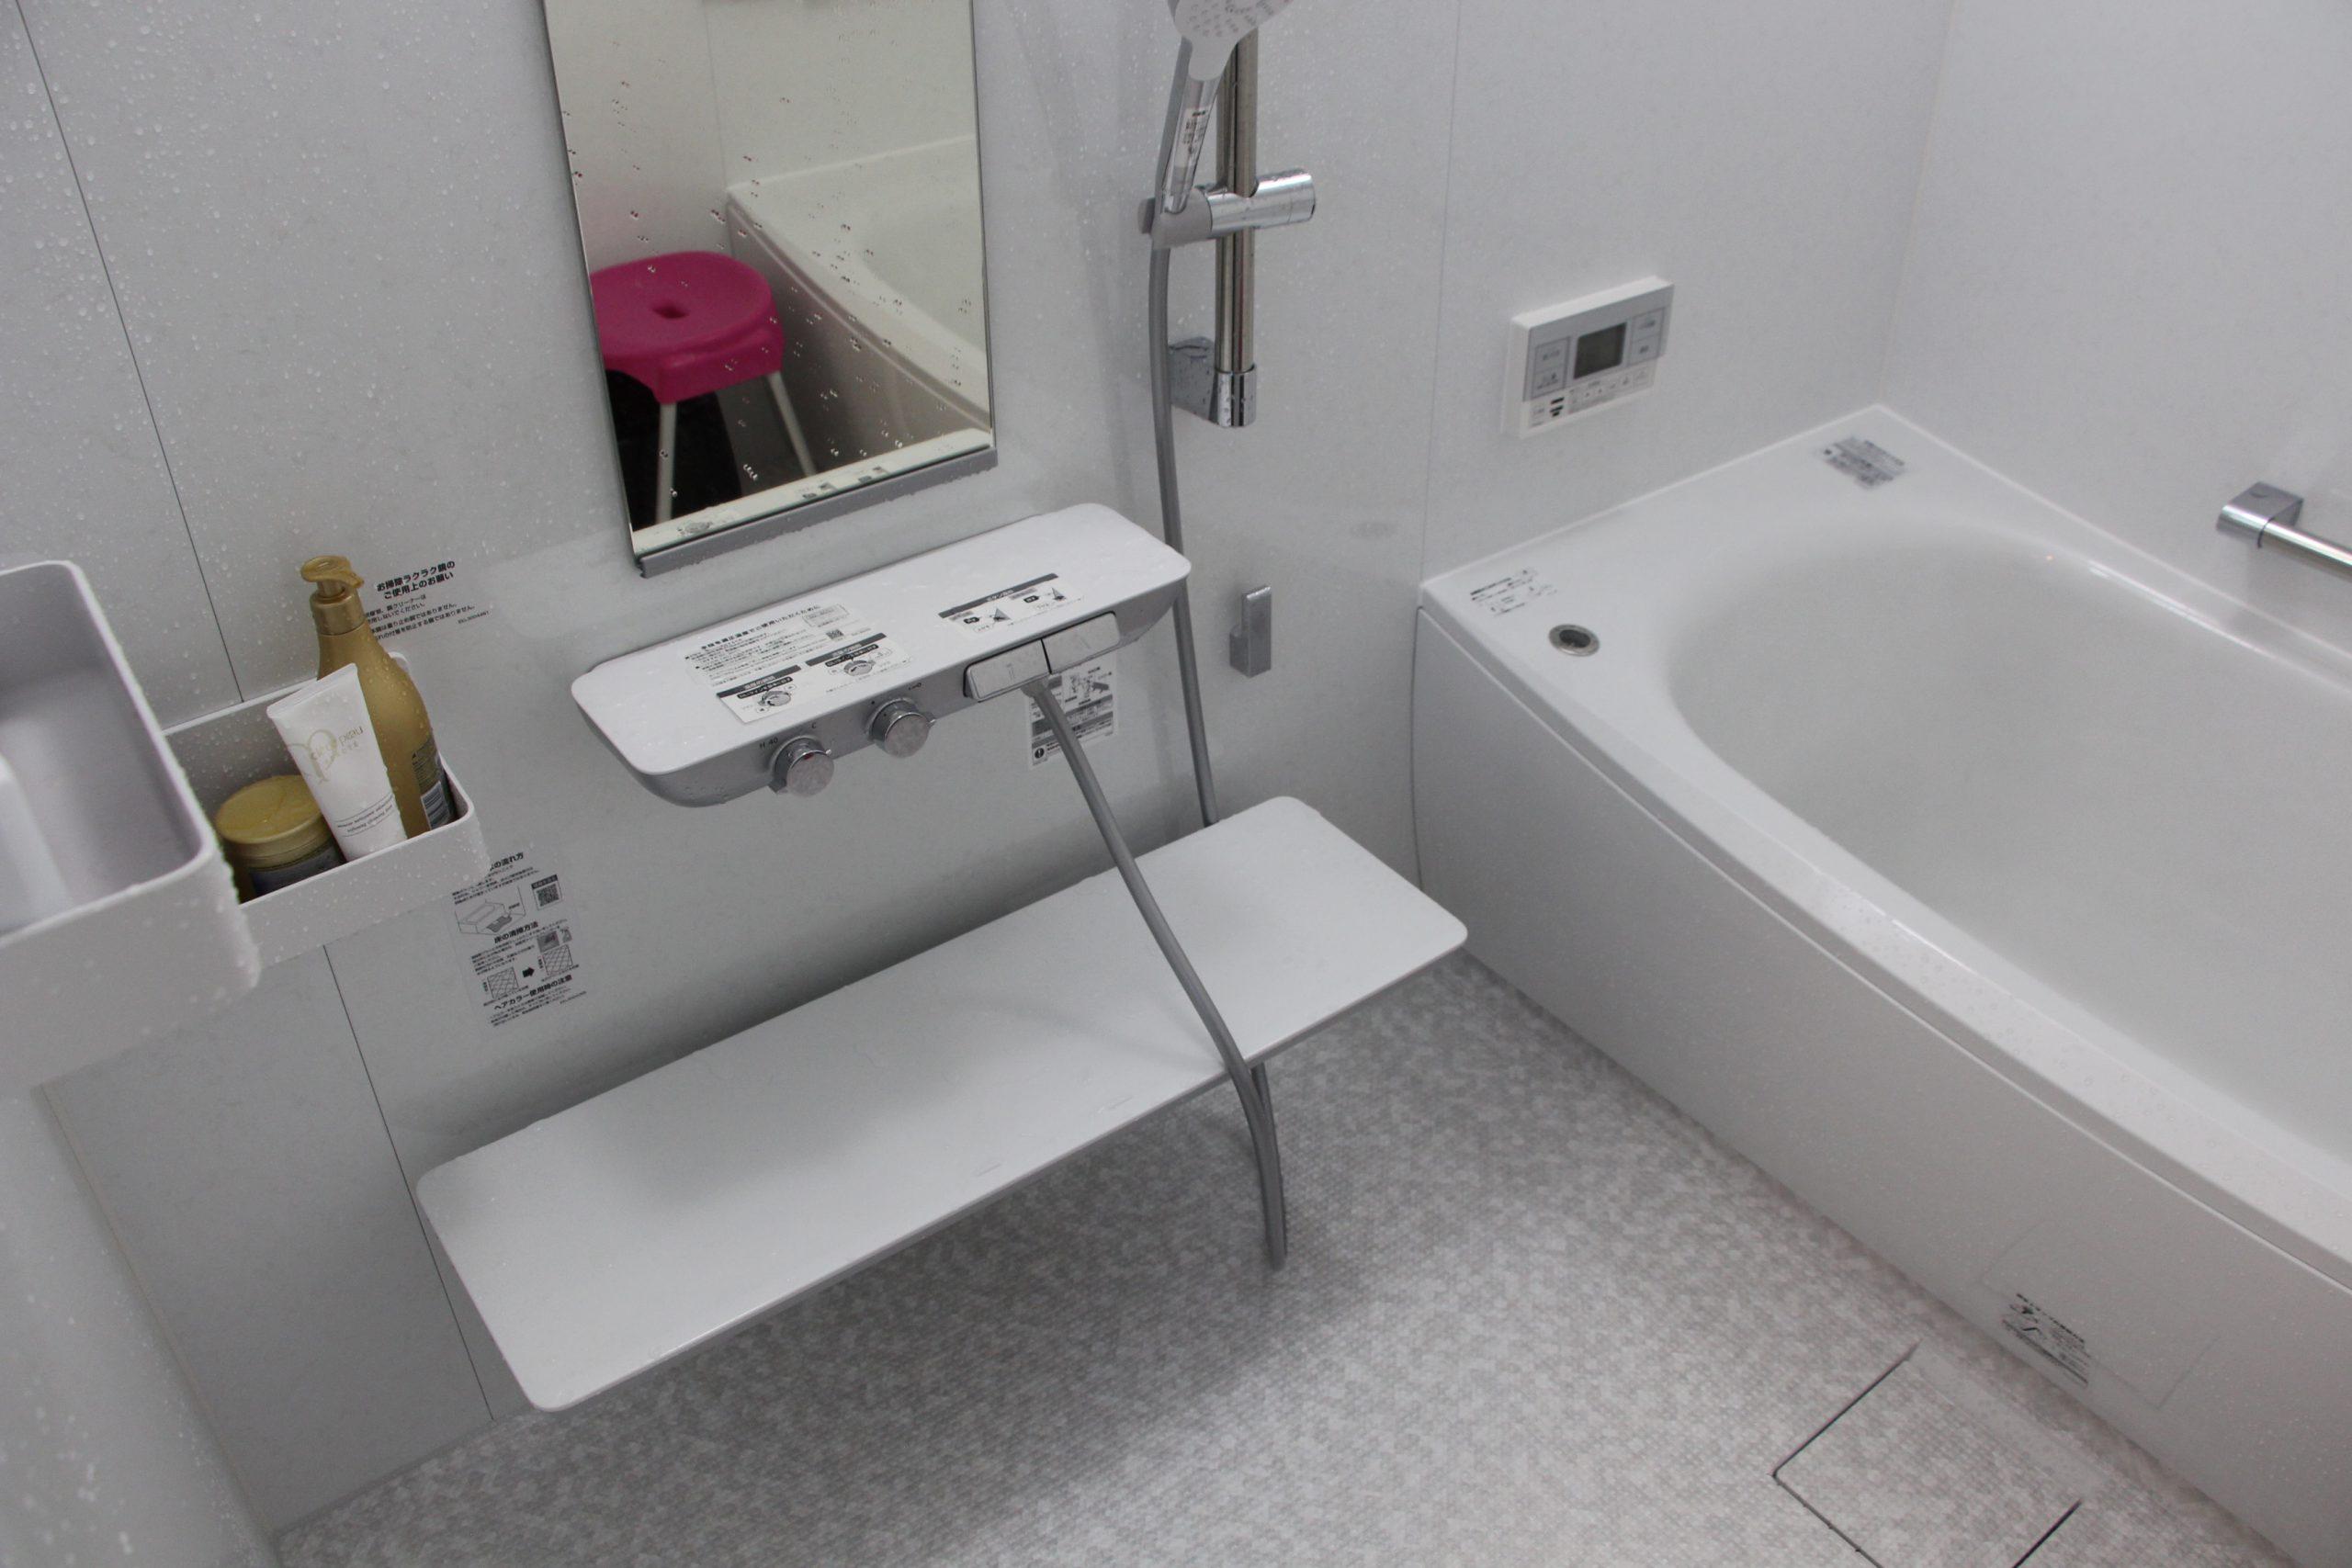 2020年 H様邸浴室改修